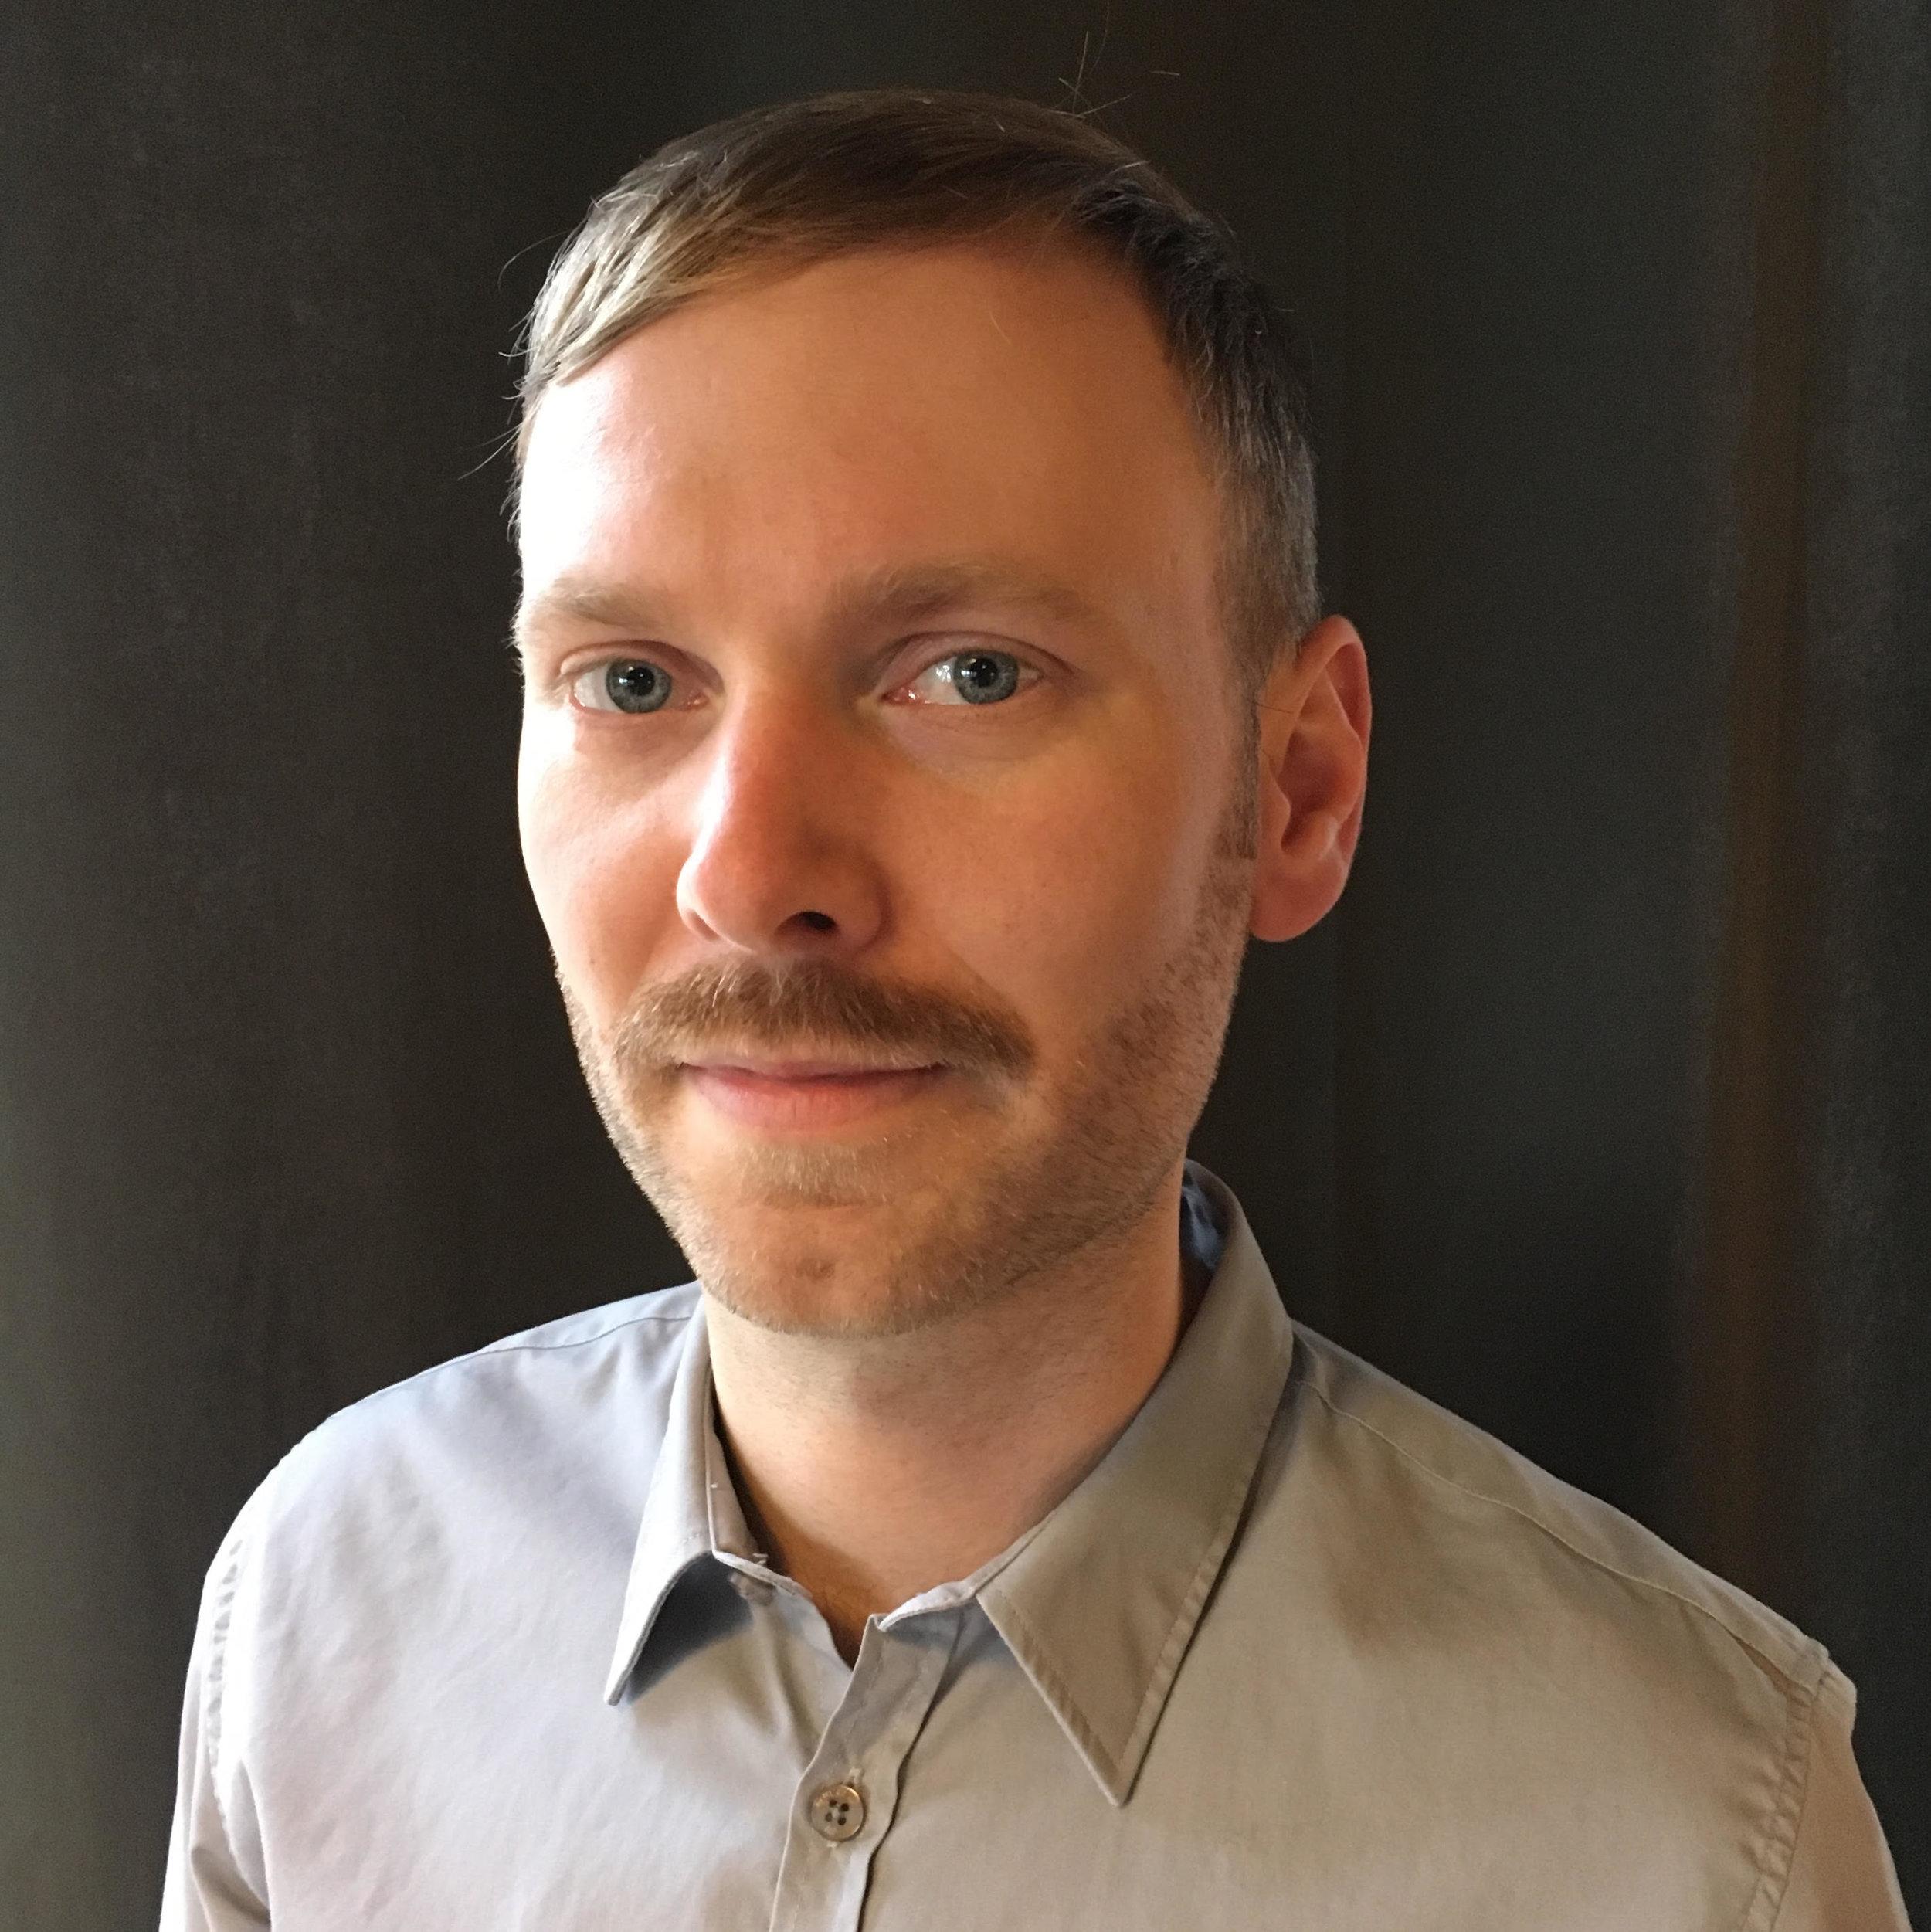 Johannes Spångberg är legitimerad psykolog utbildad i både psykodynamisk terapi och KBT.